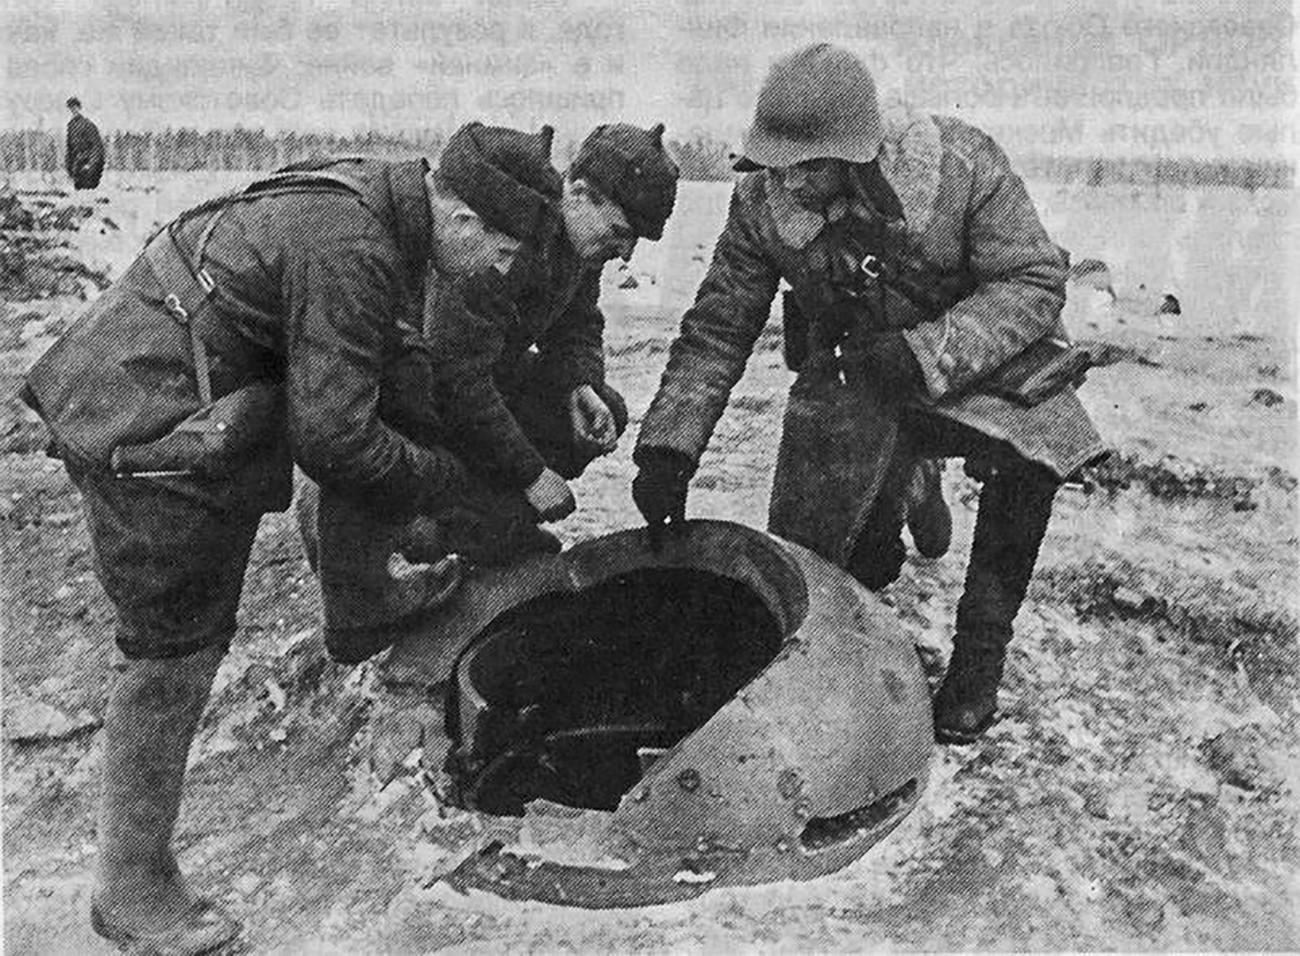 Група црвеноармејаца разгледа оклопни поклопац на финском бункеру.